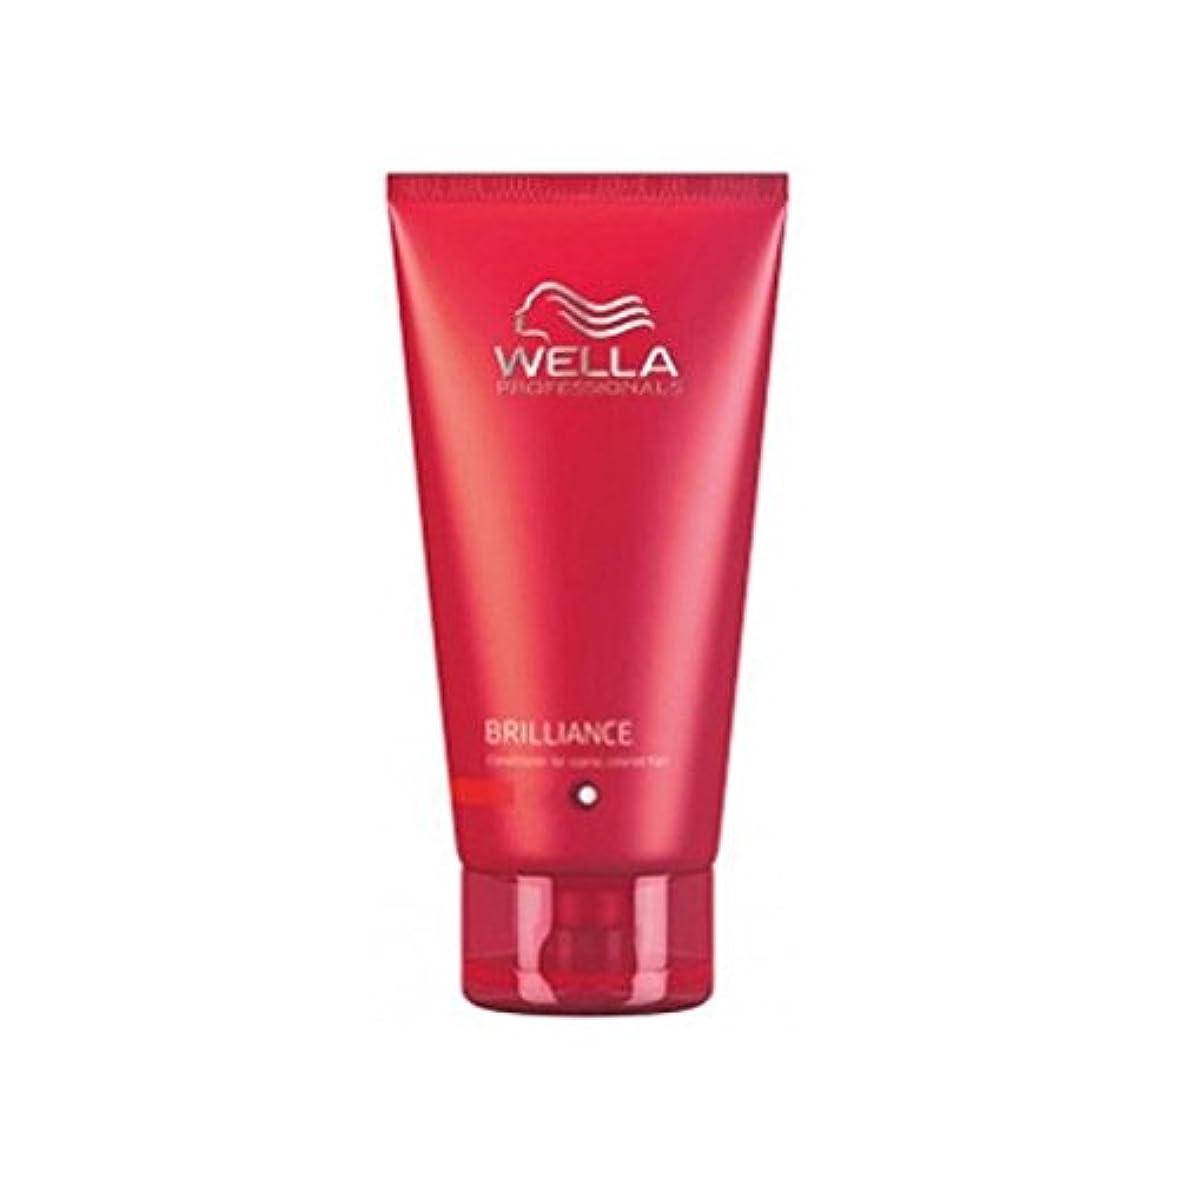 悪性被害者準備したWella Professionals Brilliance Conditioner For Fine To Normal, Coloured Hair (200ml) (Pack of 6) - ウェラの専門家が通常に細かいためのコンディショナーを輝き、色の髪(200ミリリットル) x6 [並行輸入品]